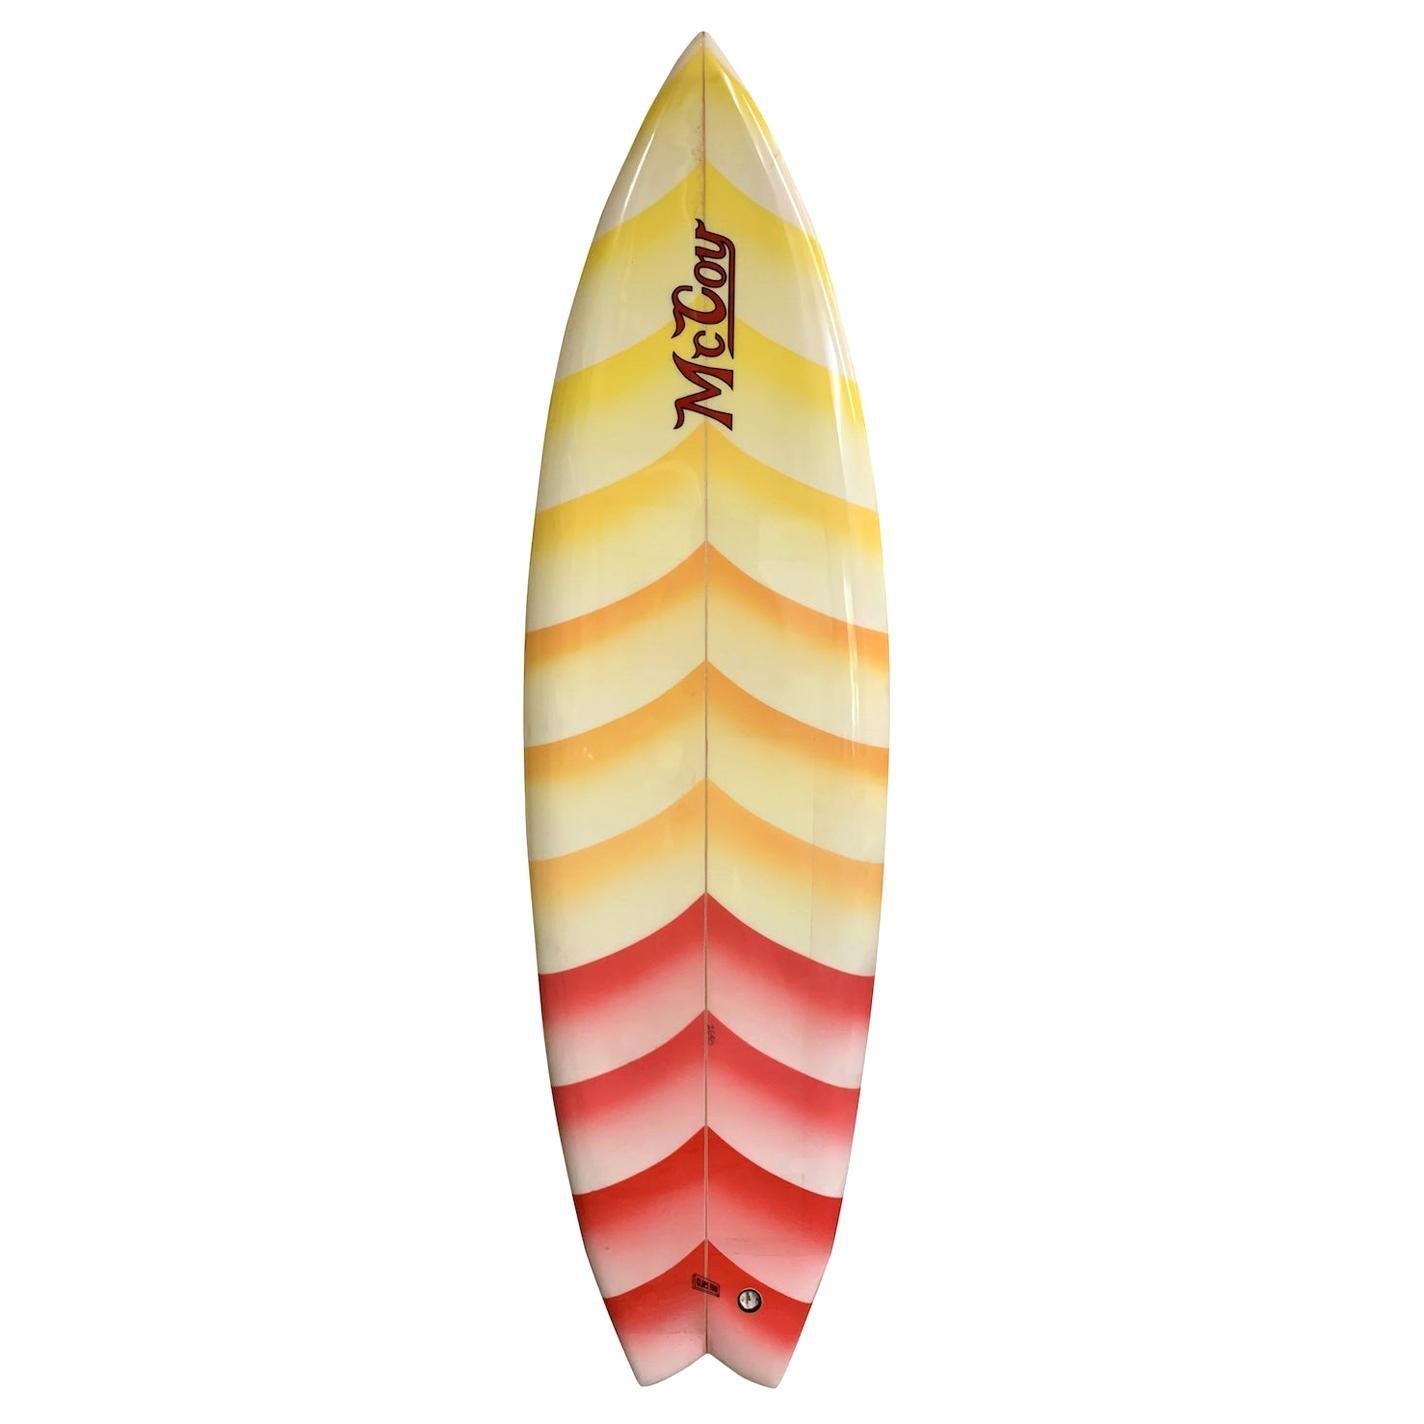 Vintage 1980 McCoy Twin Fin Surfboard by Greg Pautsch